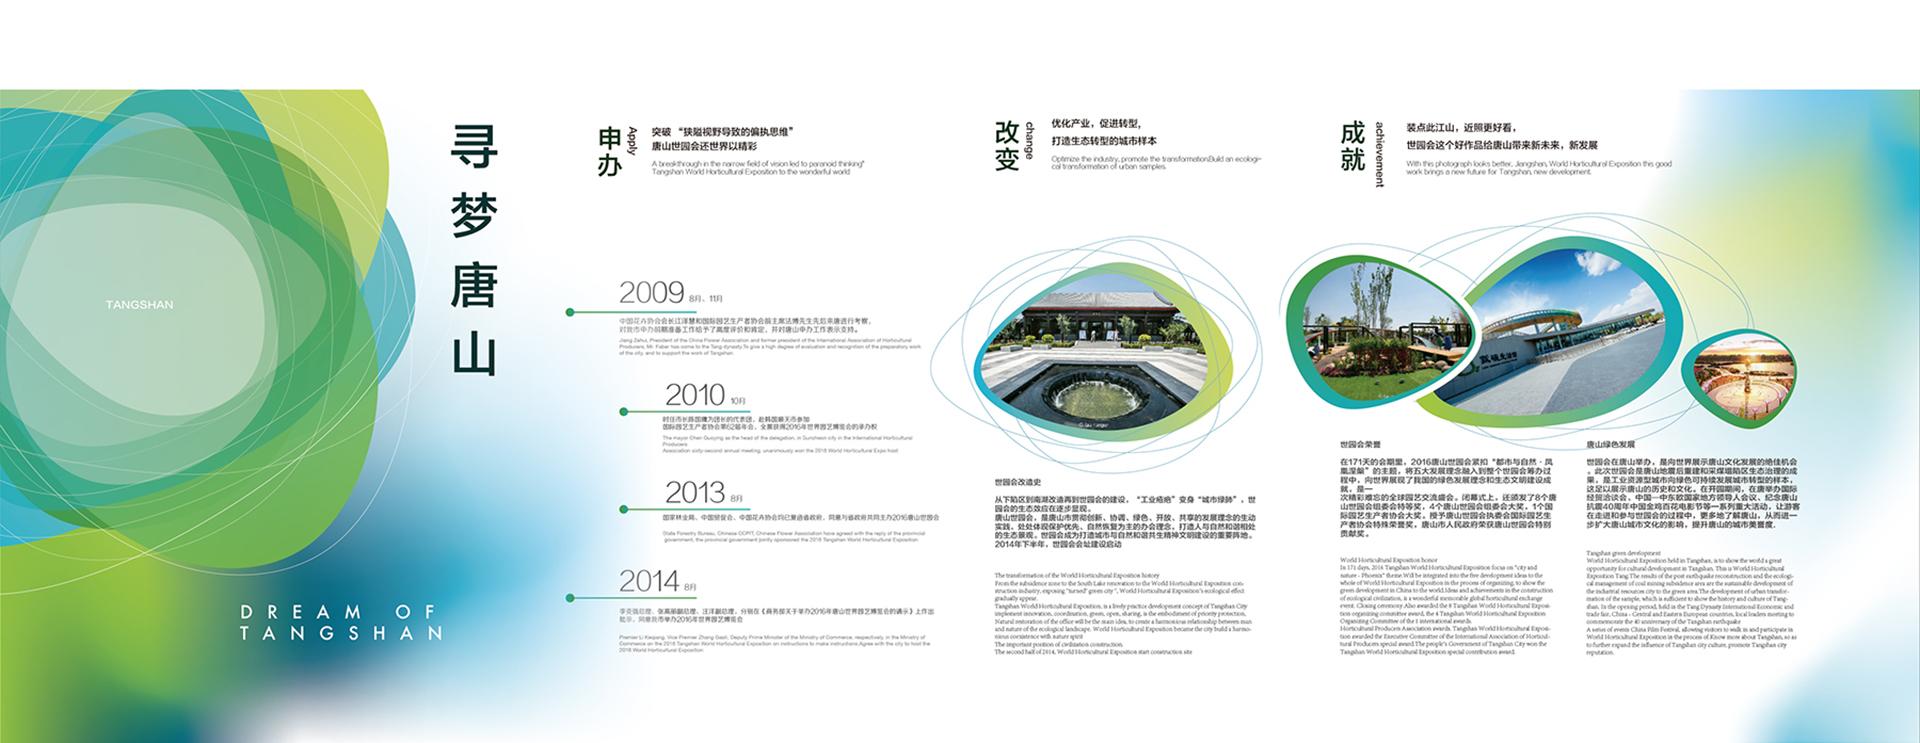 2016年唐山世园会回顾展低碳馆序厅展板设计